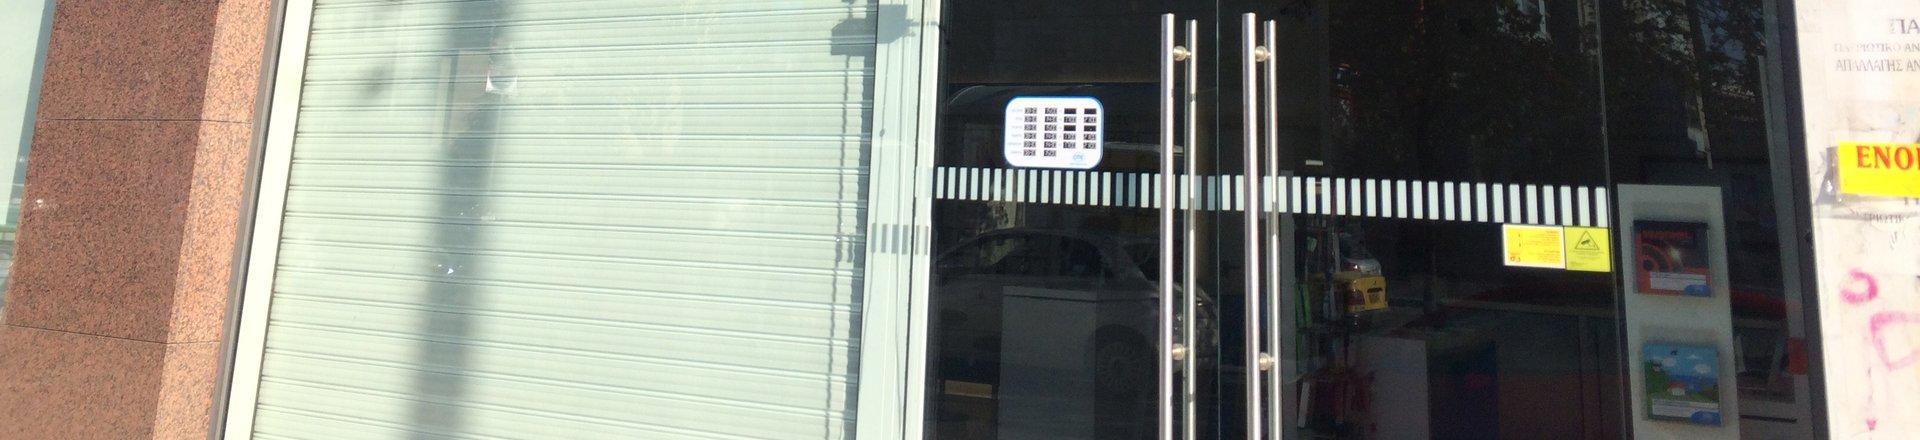 Αναβάθμιση κλειστού κυκλώματος τηλεόρασης σε κατάστημα ΟΤΕ στο Χολαργό